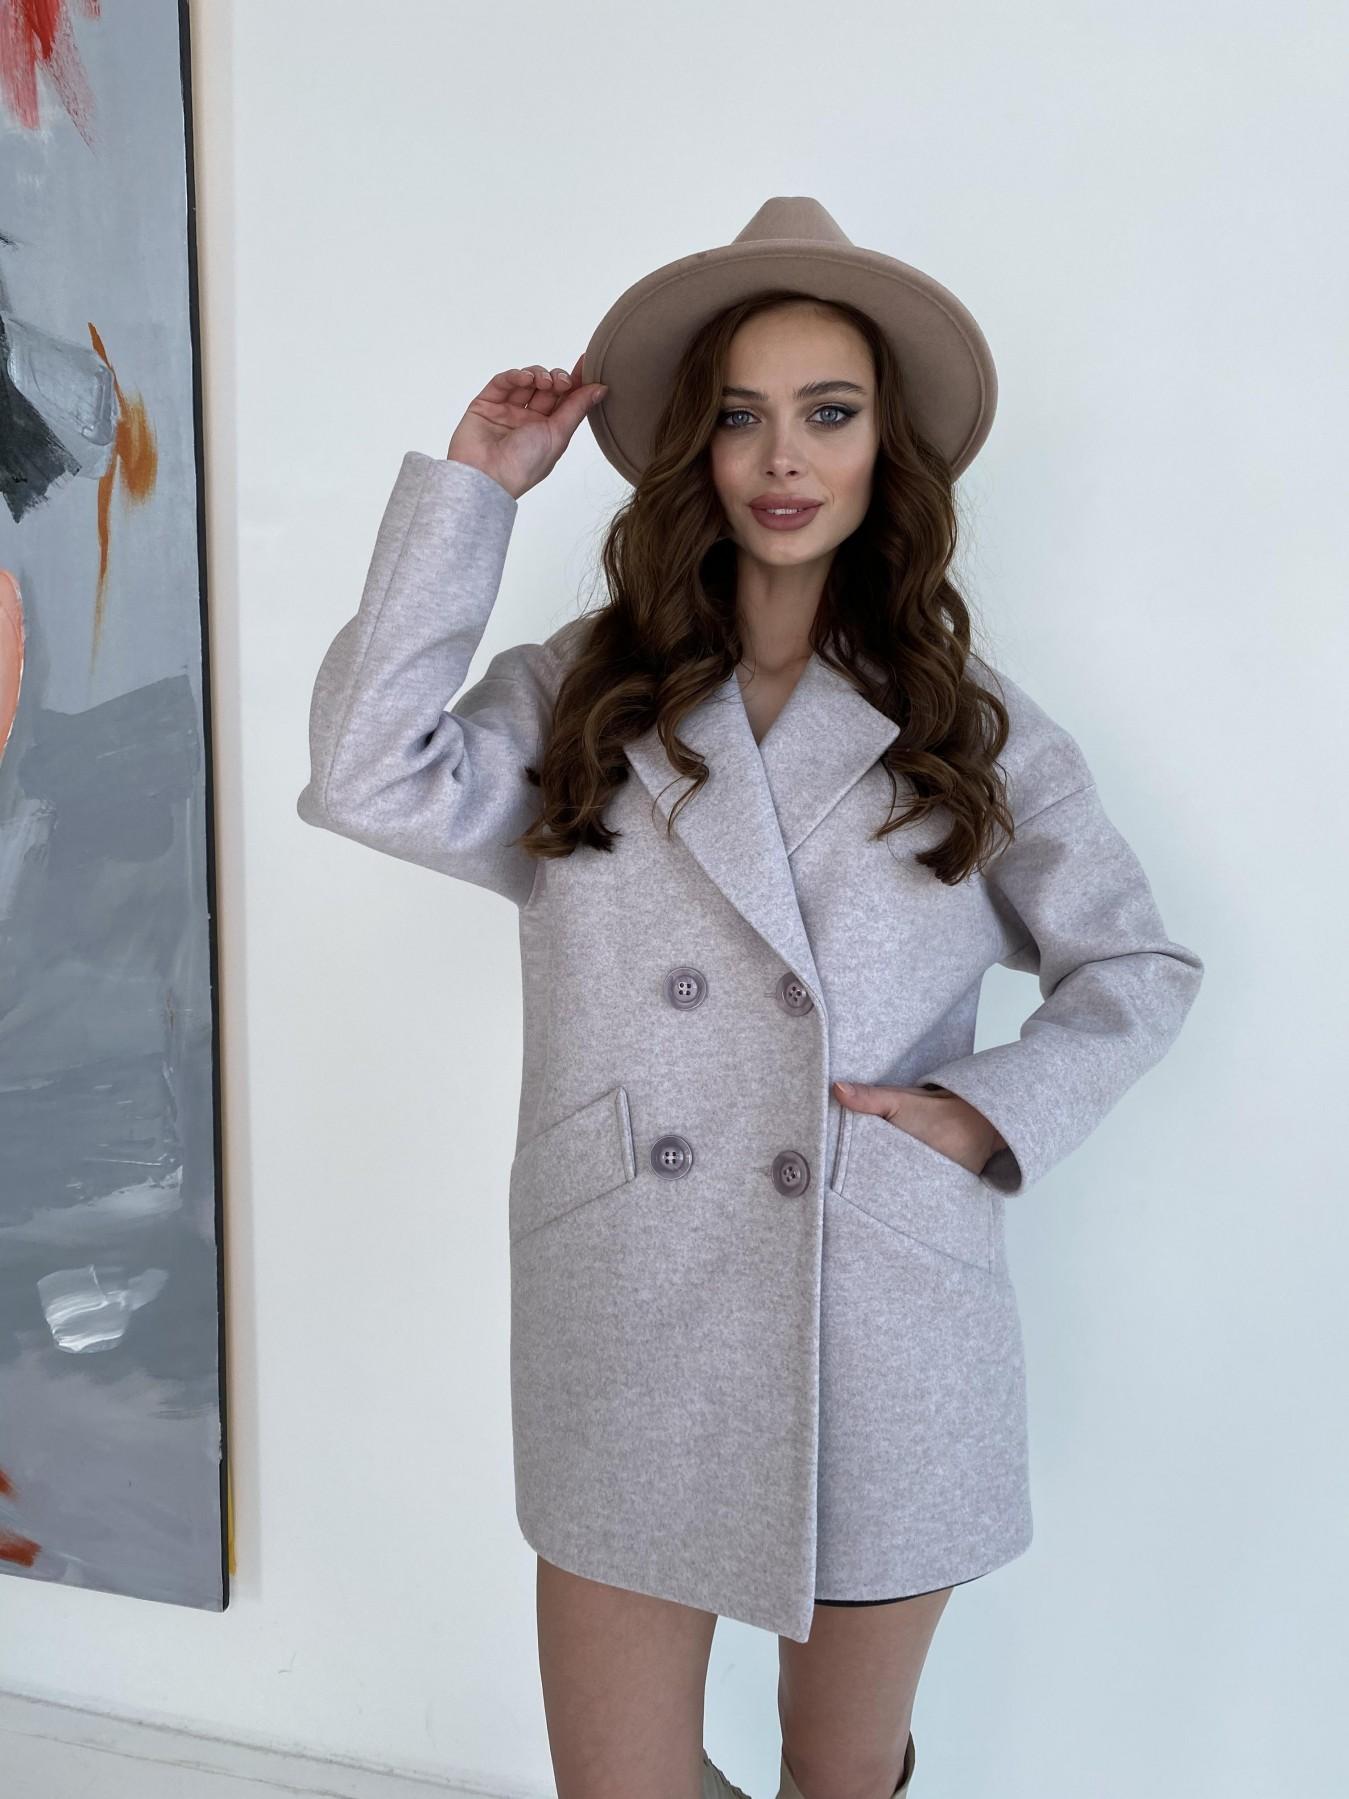 Пальто женские демисезонные недорого от Modus Бонд пальто  кашемировое меланж на трикотаже  10644